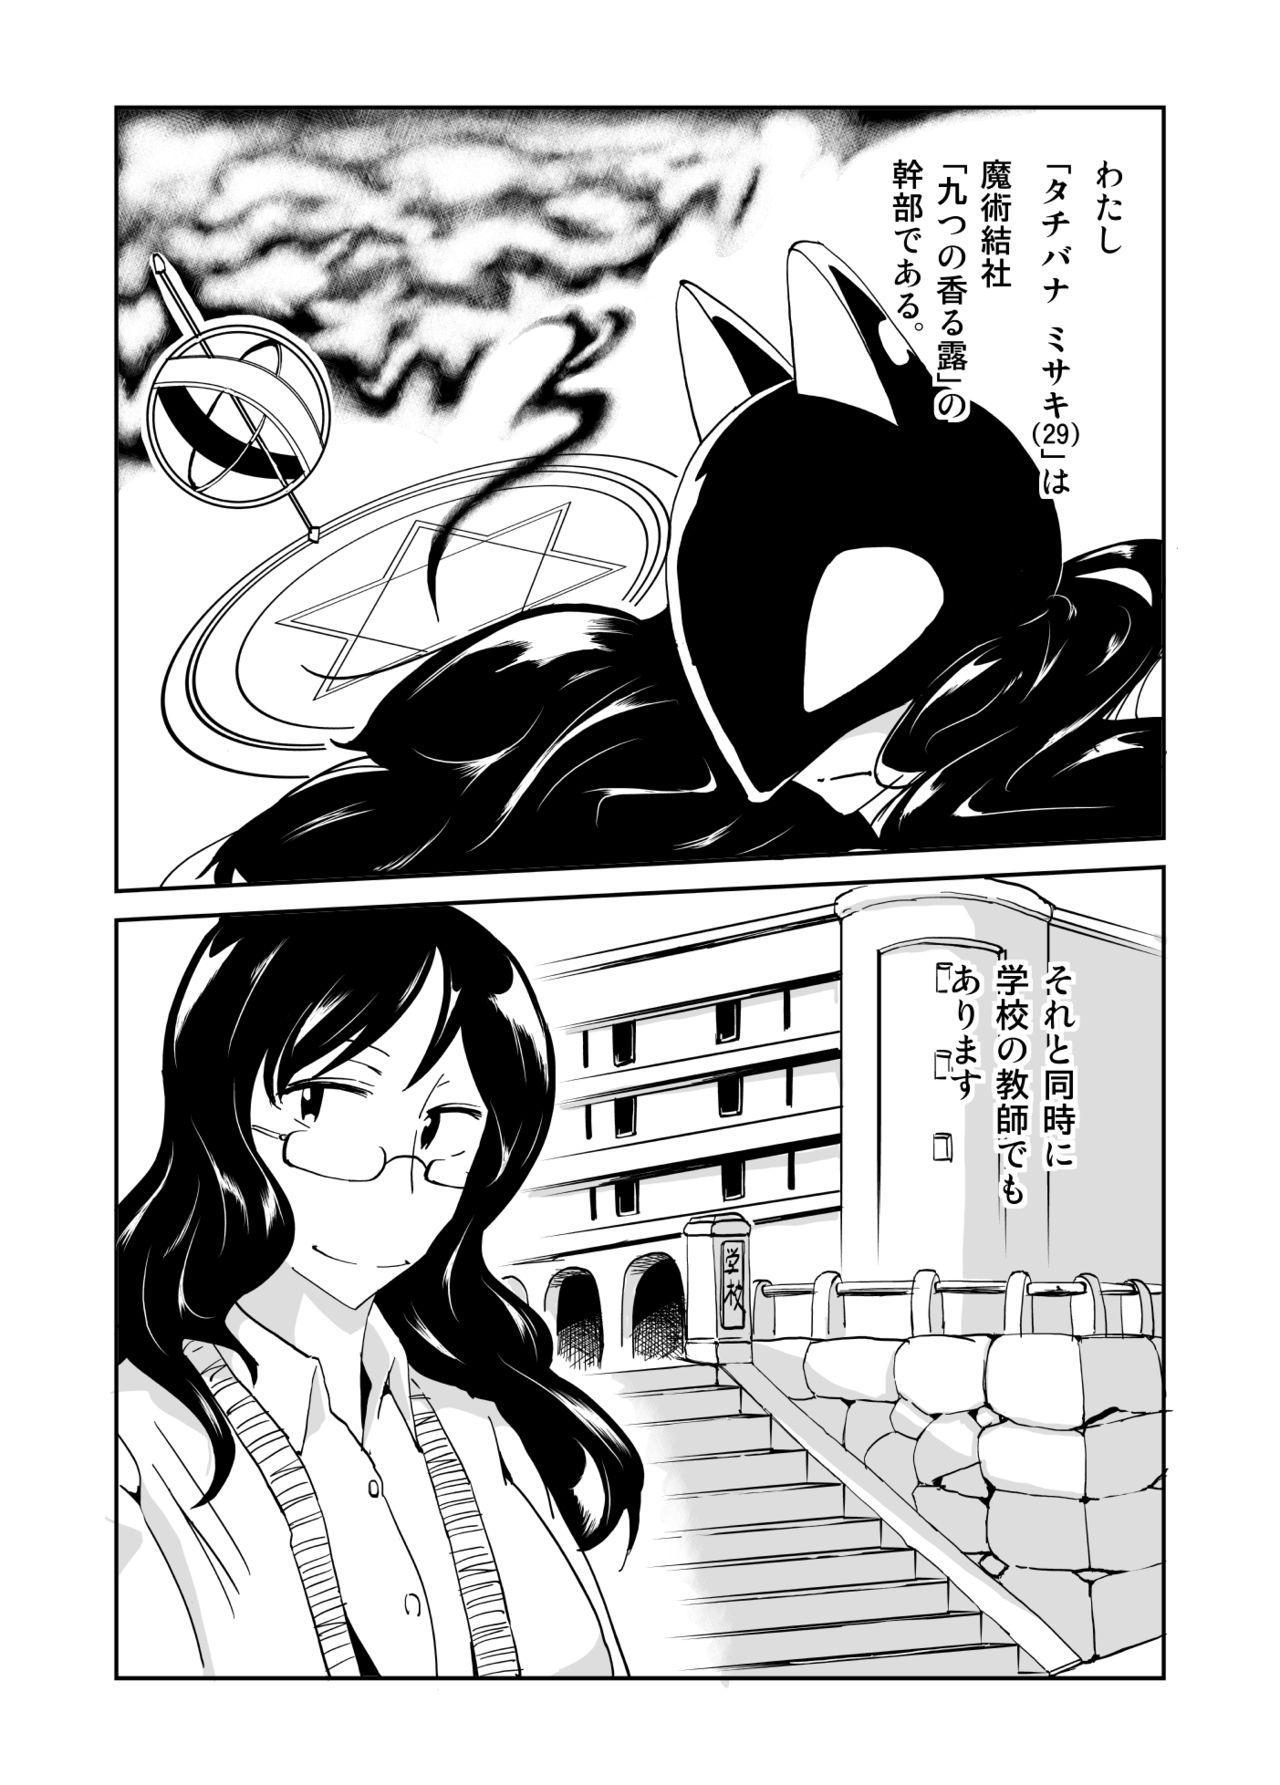 Majutsu Kessha no Onna Kanbu Ken Kyoushi no Pants ga Dasai 0